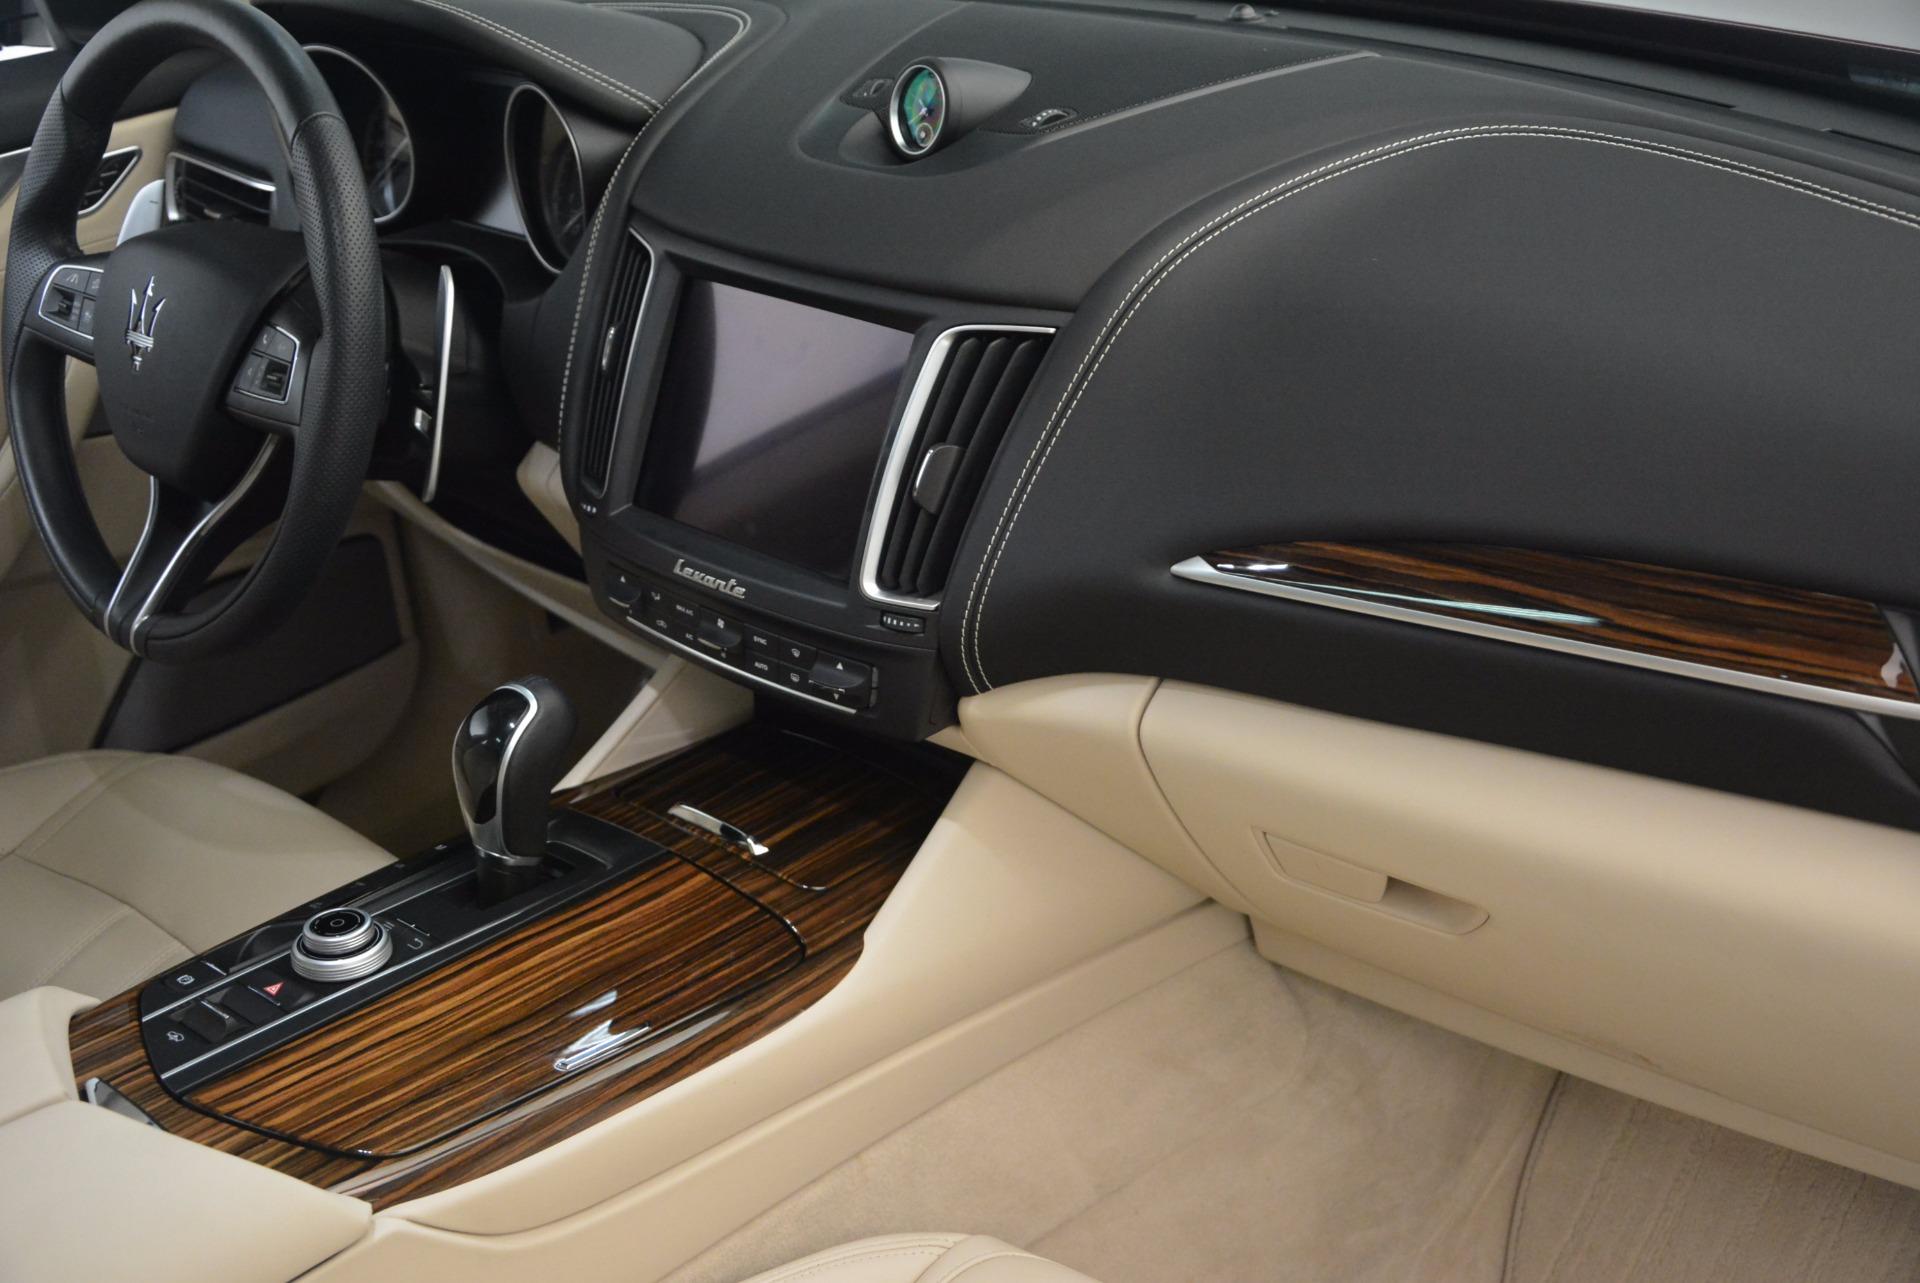 Used 2017 Maserati Levante S For Sale In Greenwich, CT. Alfa Romeo of Greenwich, 7255 1463_p19